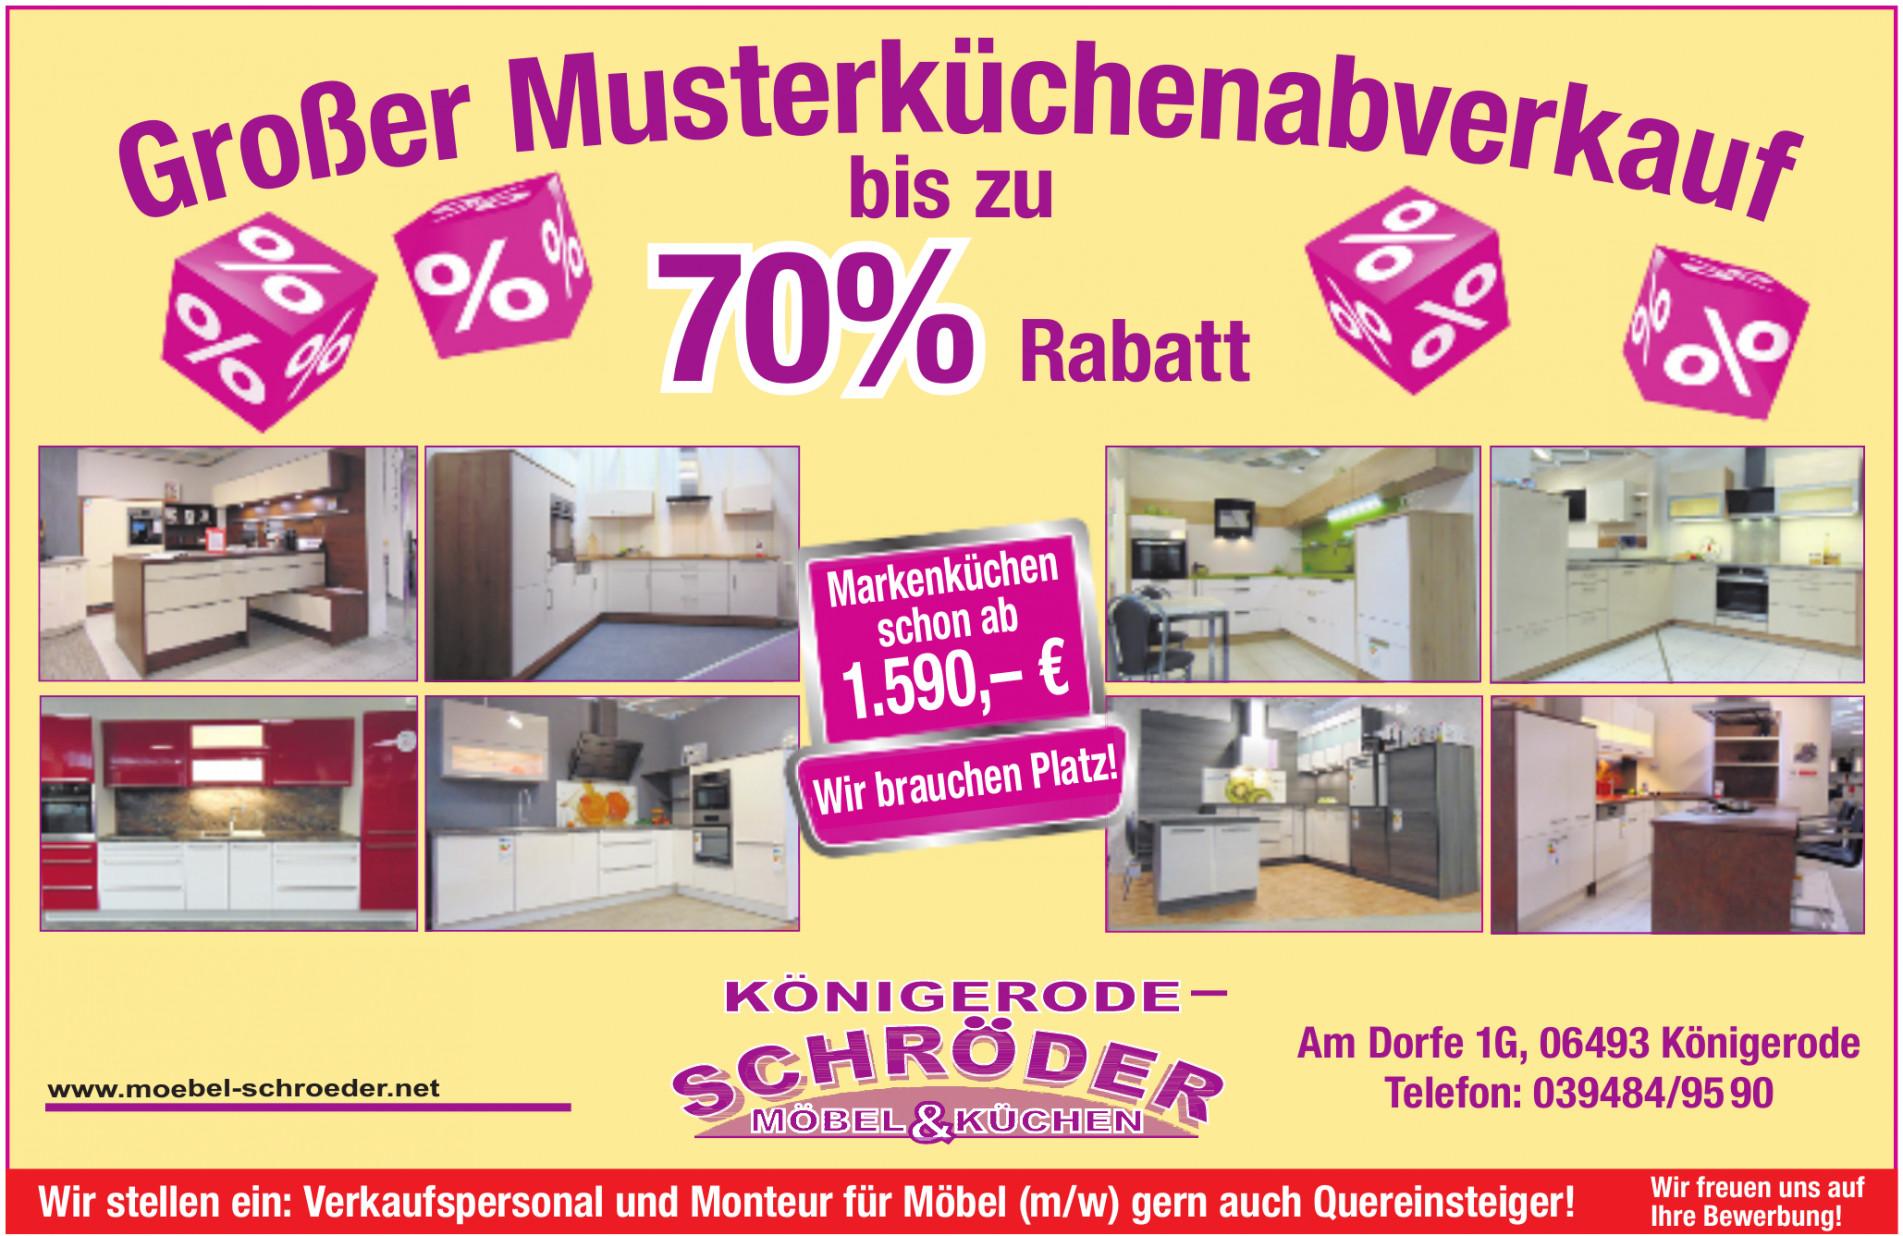 Königerode Schröder Möbel Küchen Unternehmensprofil